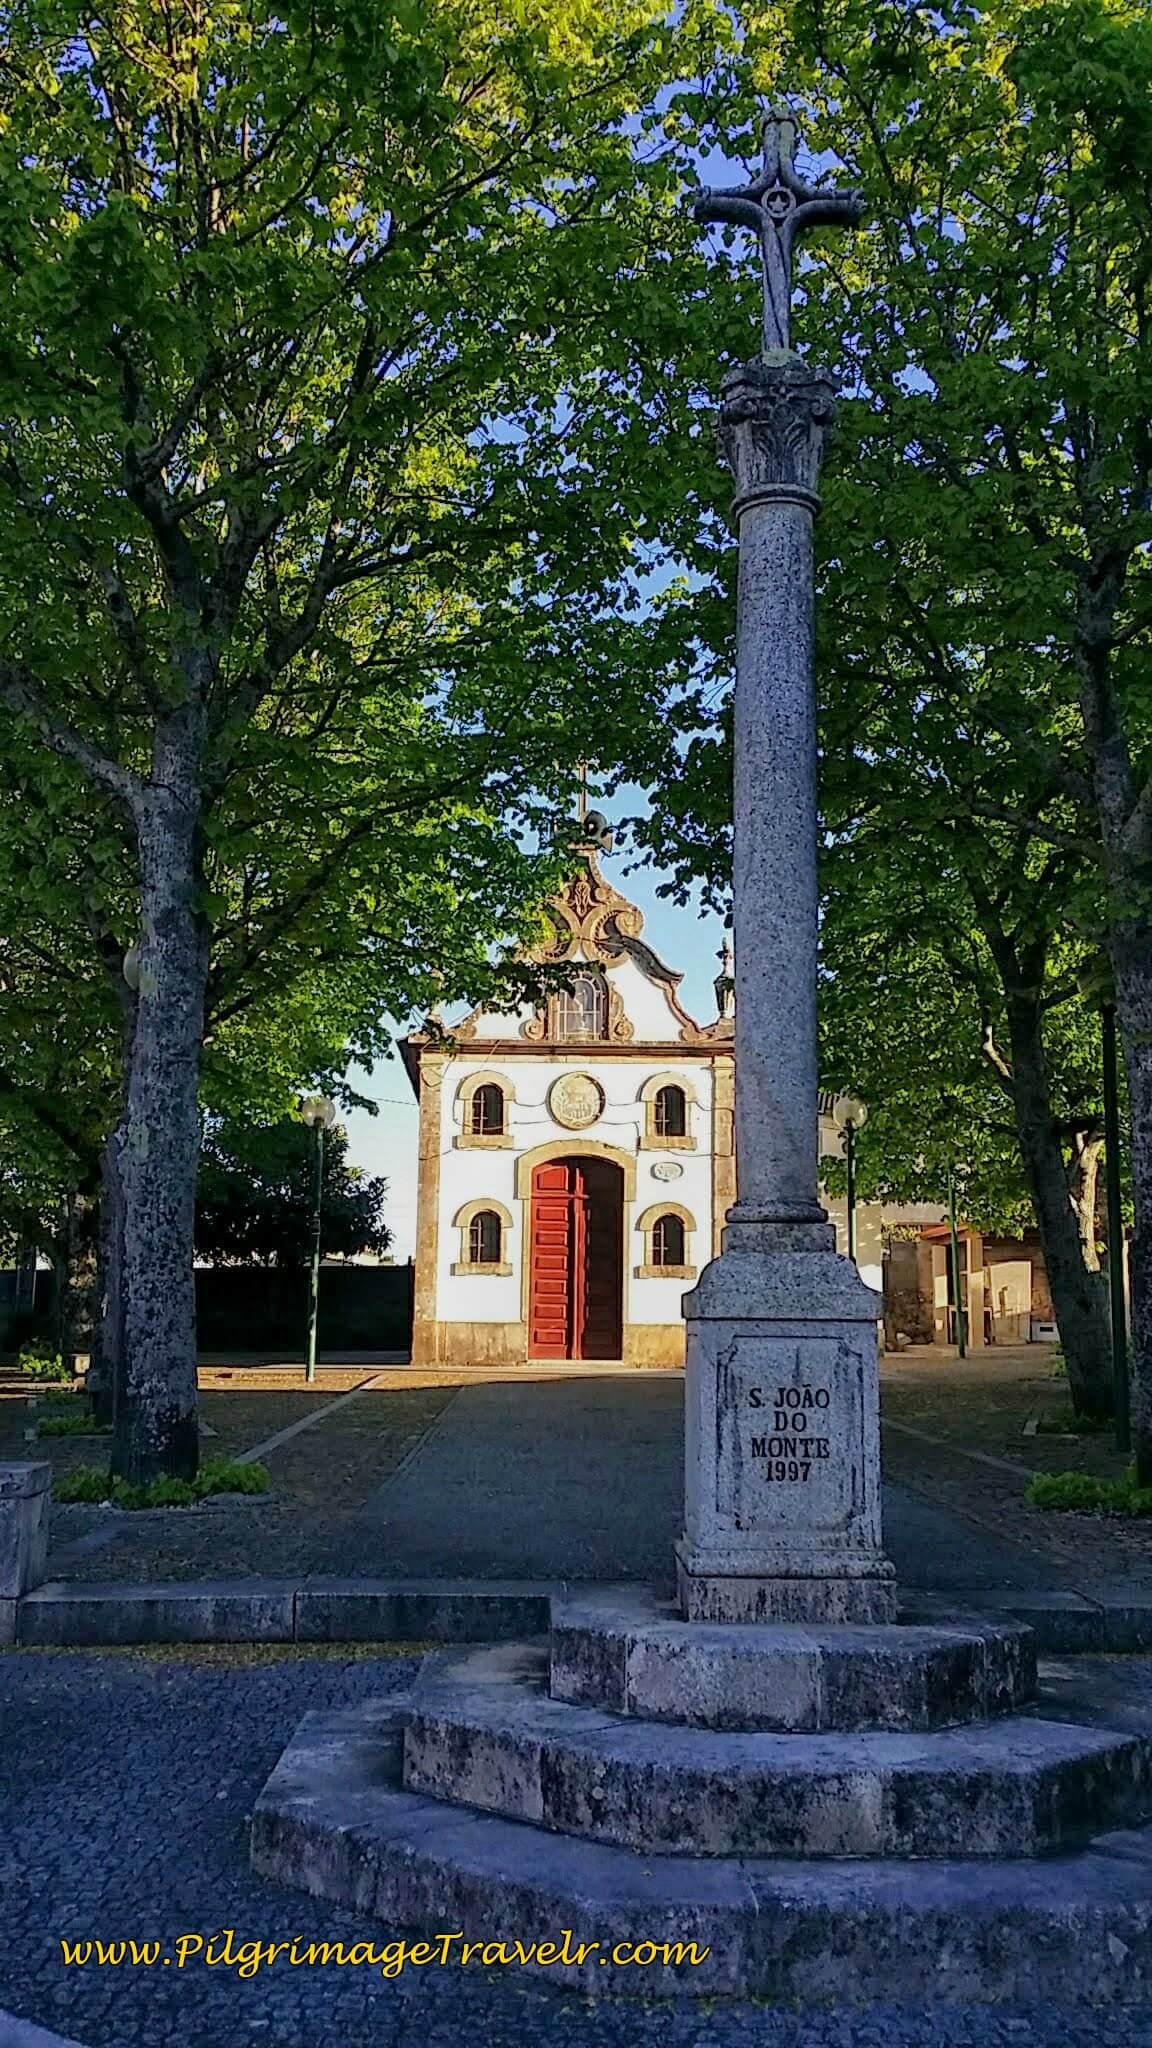 Capela de São João do Monte on day seventeen of the Camino Portugués